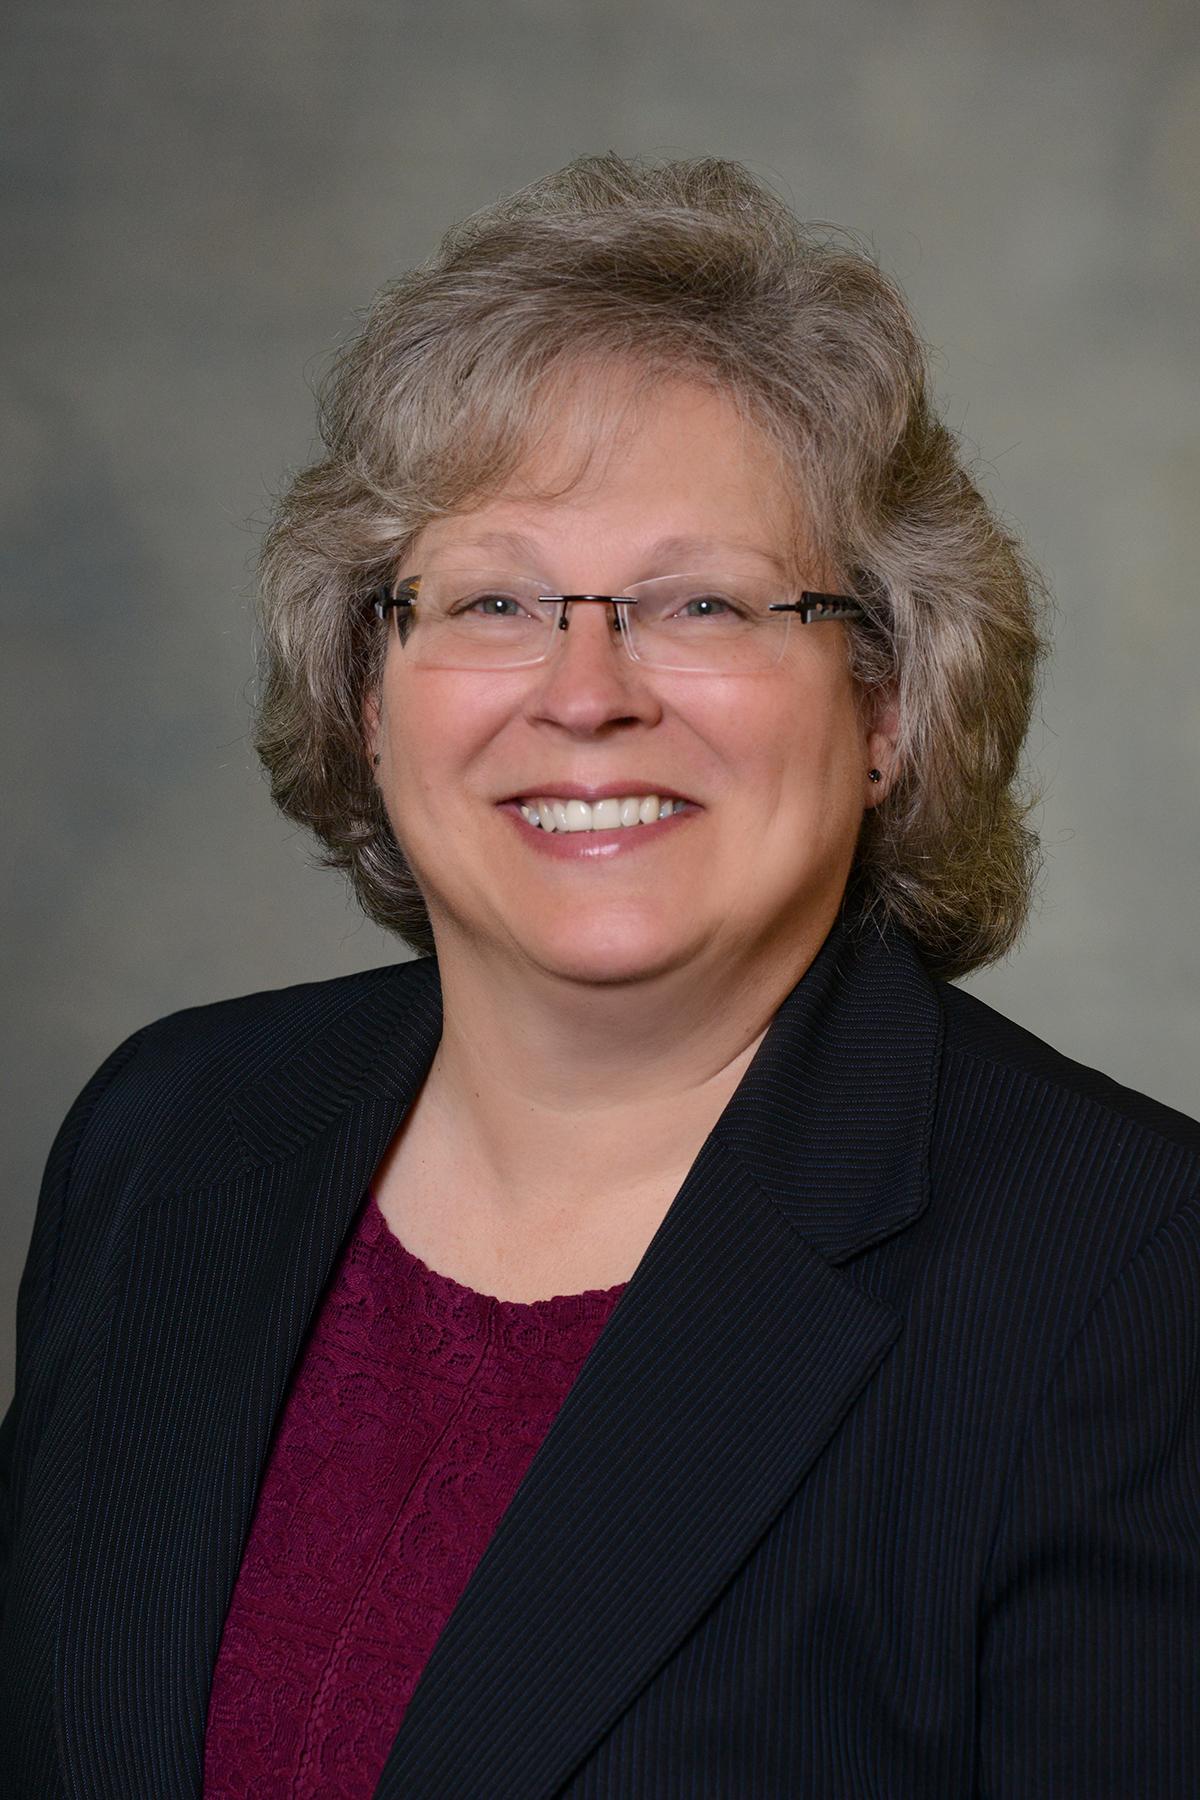 Mary Kay Garganera